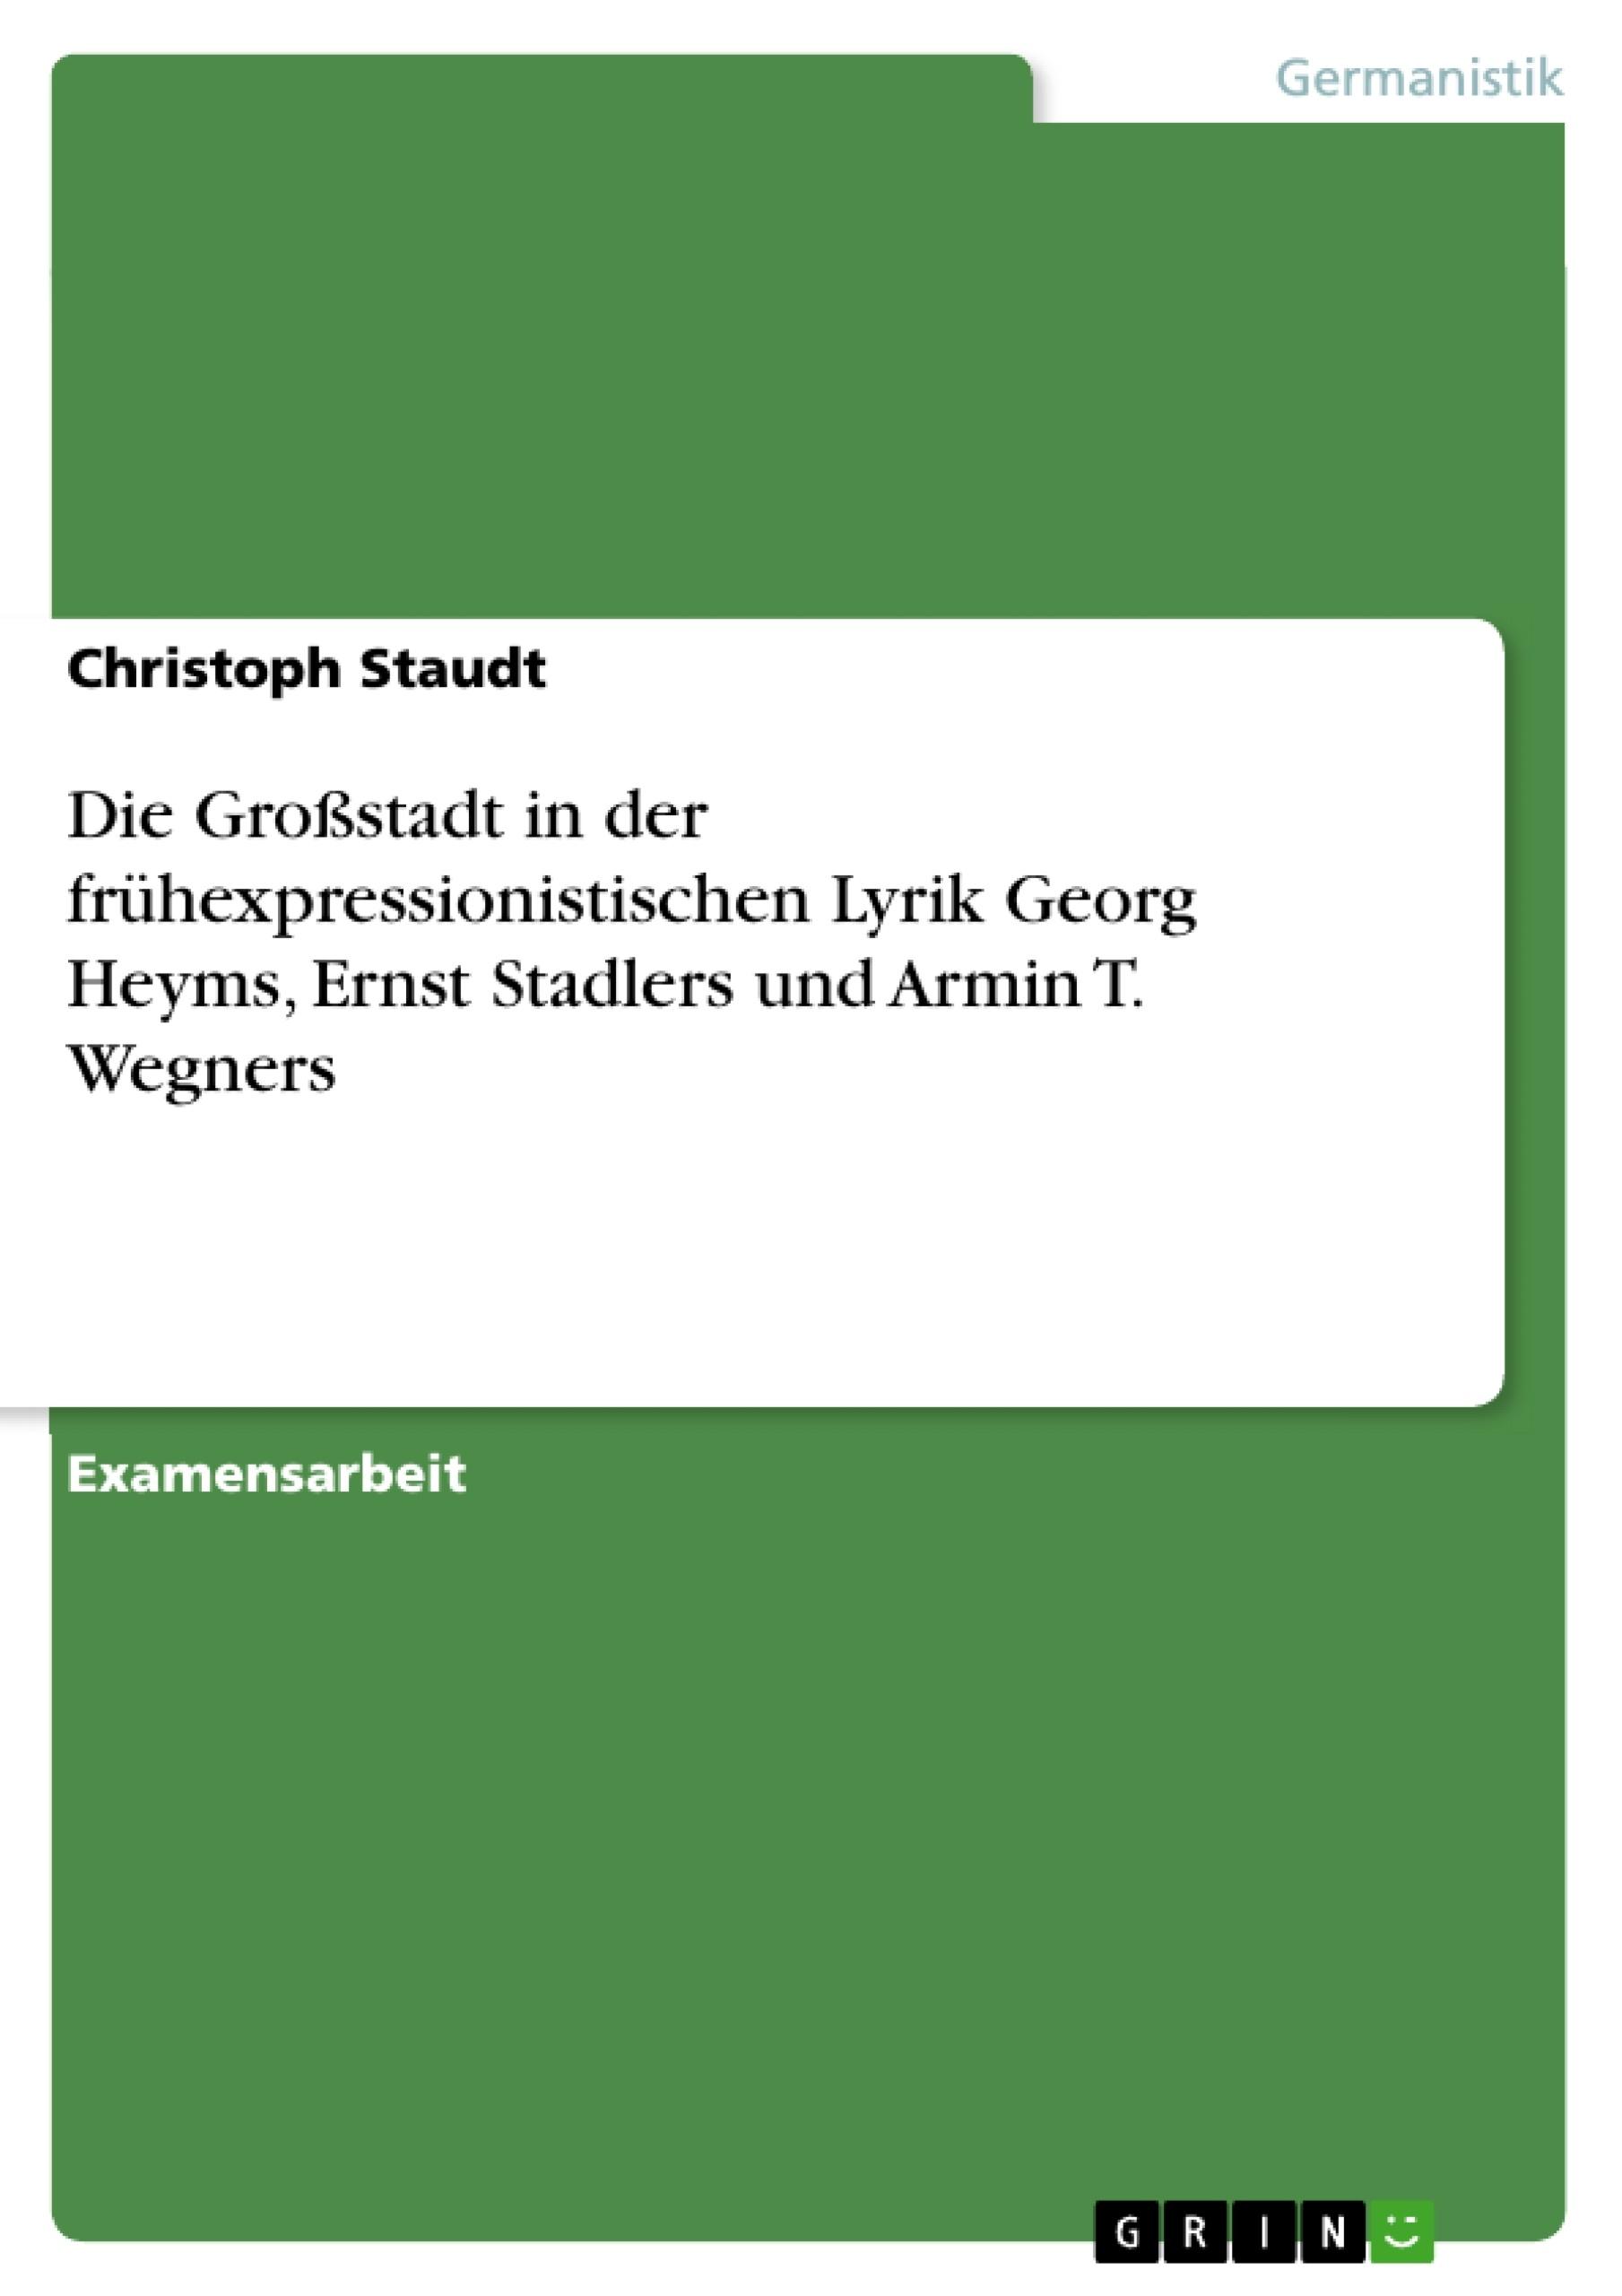 Titel: Die Großstadt in der frühexpressionistischen Lyrik Georg Heyms, Ernst Stadlers und Armin T. Wegners